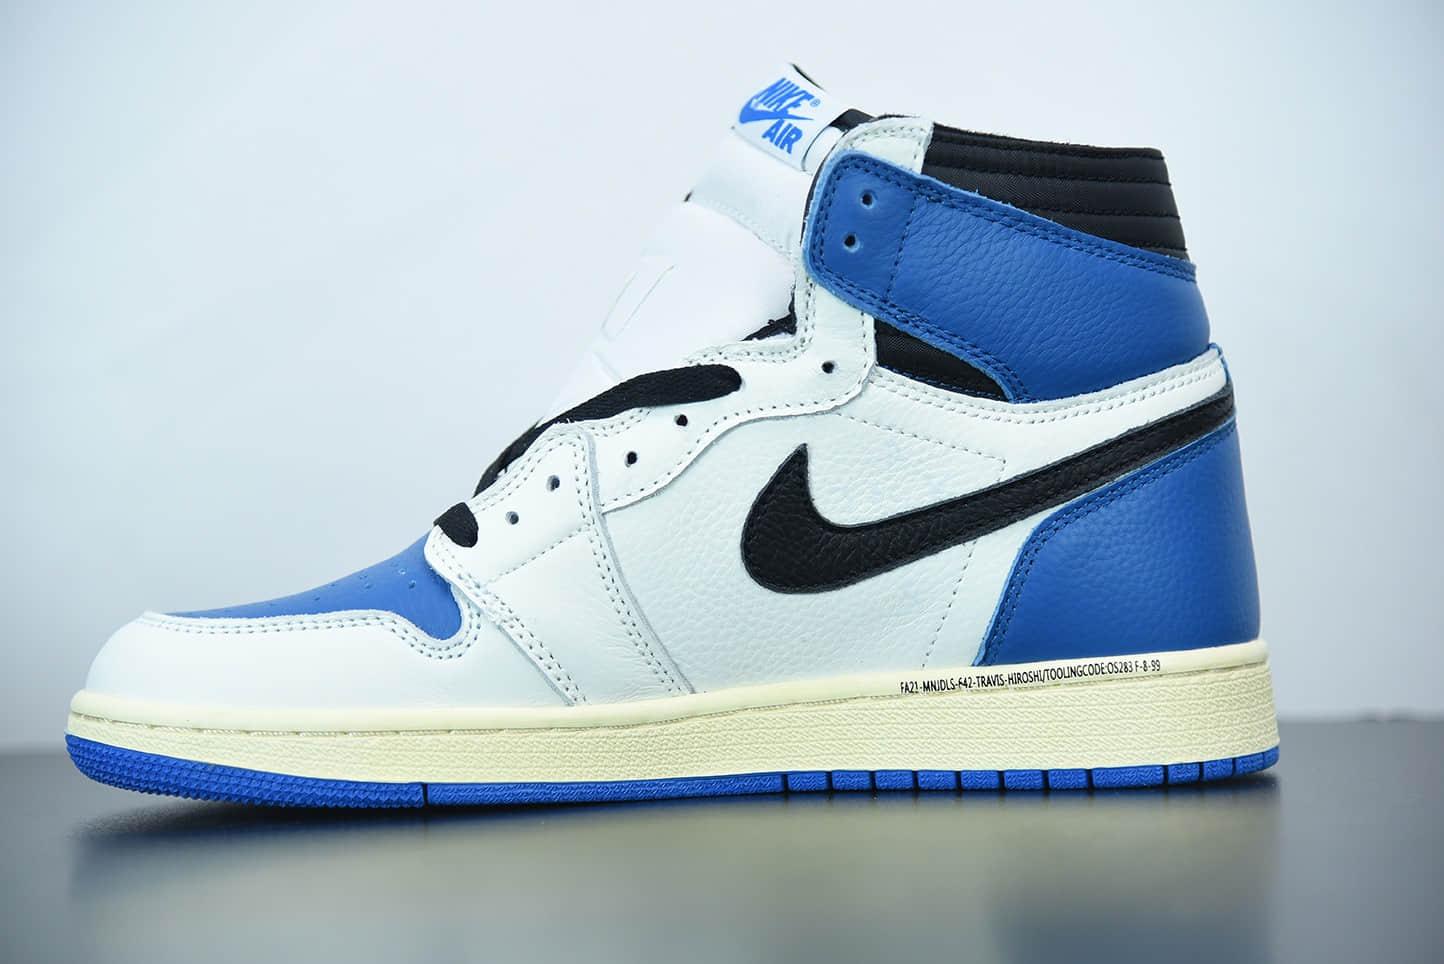 乔丹Travis Scott x Air Jordan 1 High OG 藤原浩三方联名闪电倒勾高帮板鞋纯原版本 货号: DH3227-105